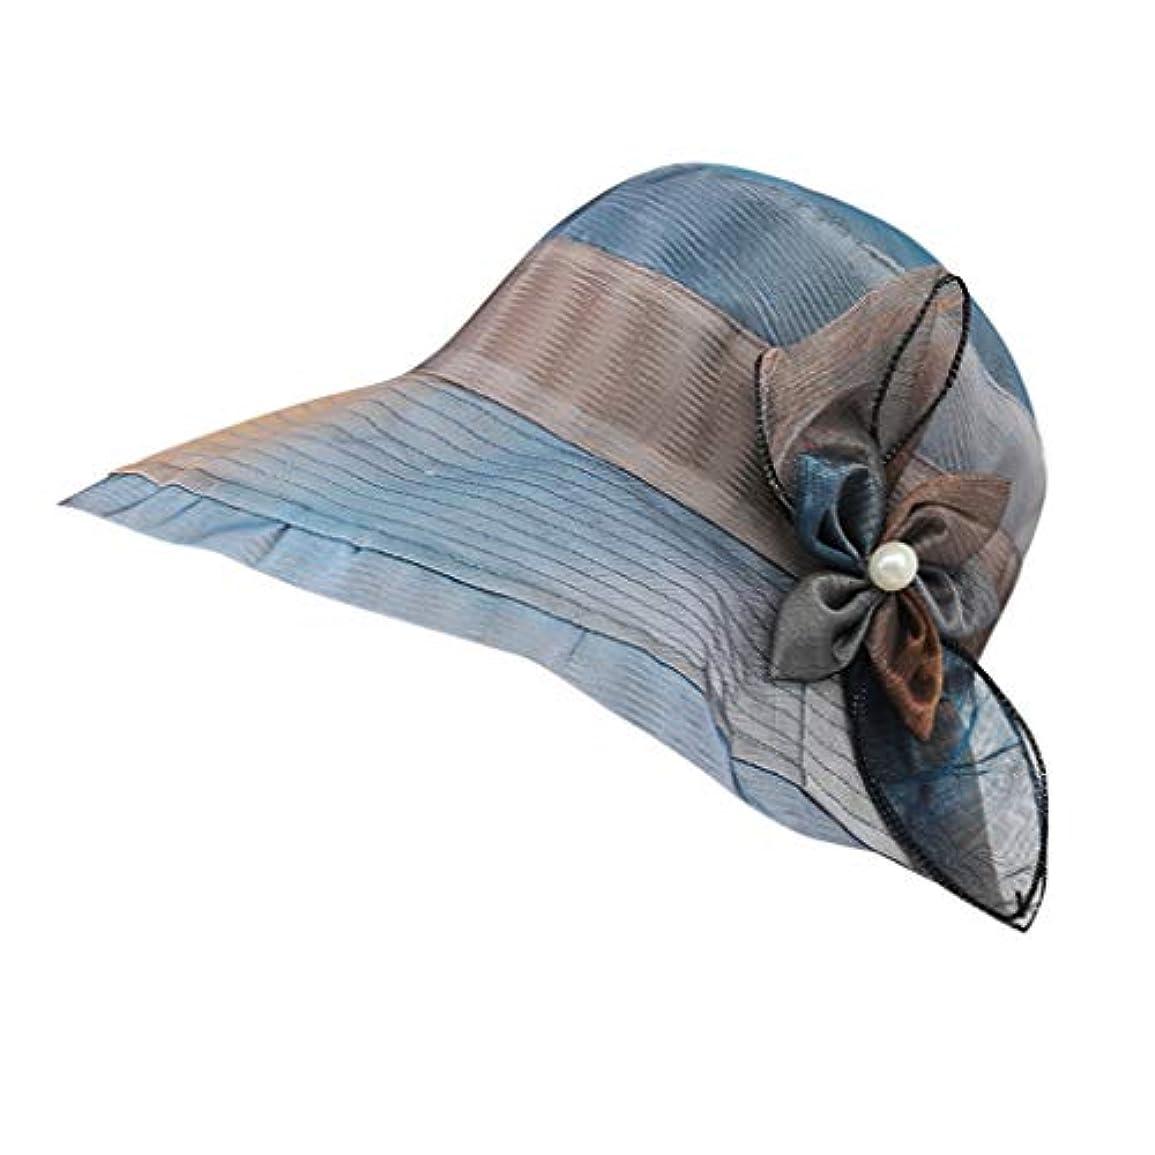 小間便益れるハット レディース UVカット 帽子 レディース 日よけ 帽子 レディース つば広 無地 洗える 紫外線対策 ハット カジュアル 旅行用 日よけ 夏季 女優帽 小顔効果抜群 可愛い 夏季 海 旅行 ROSE ROMAN